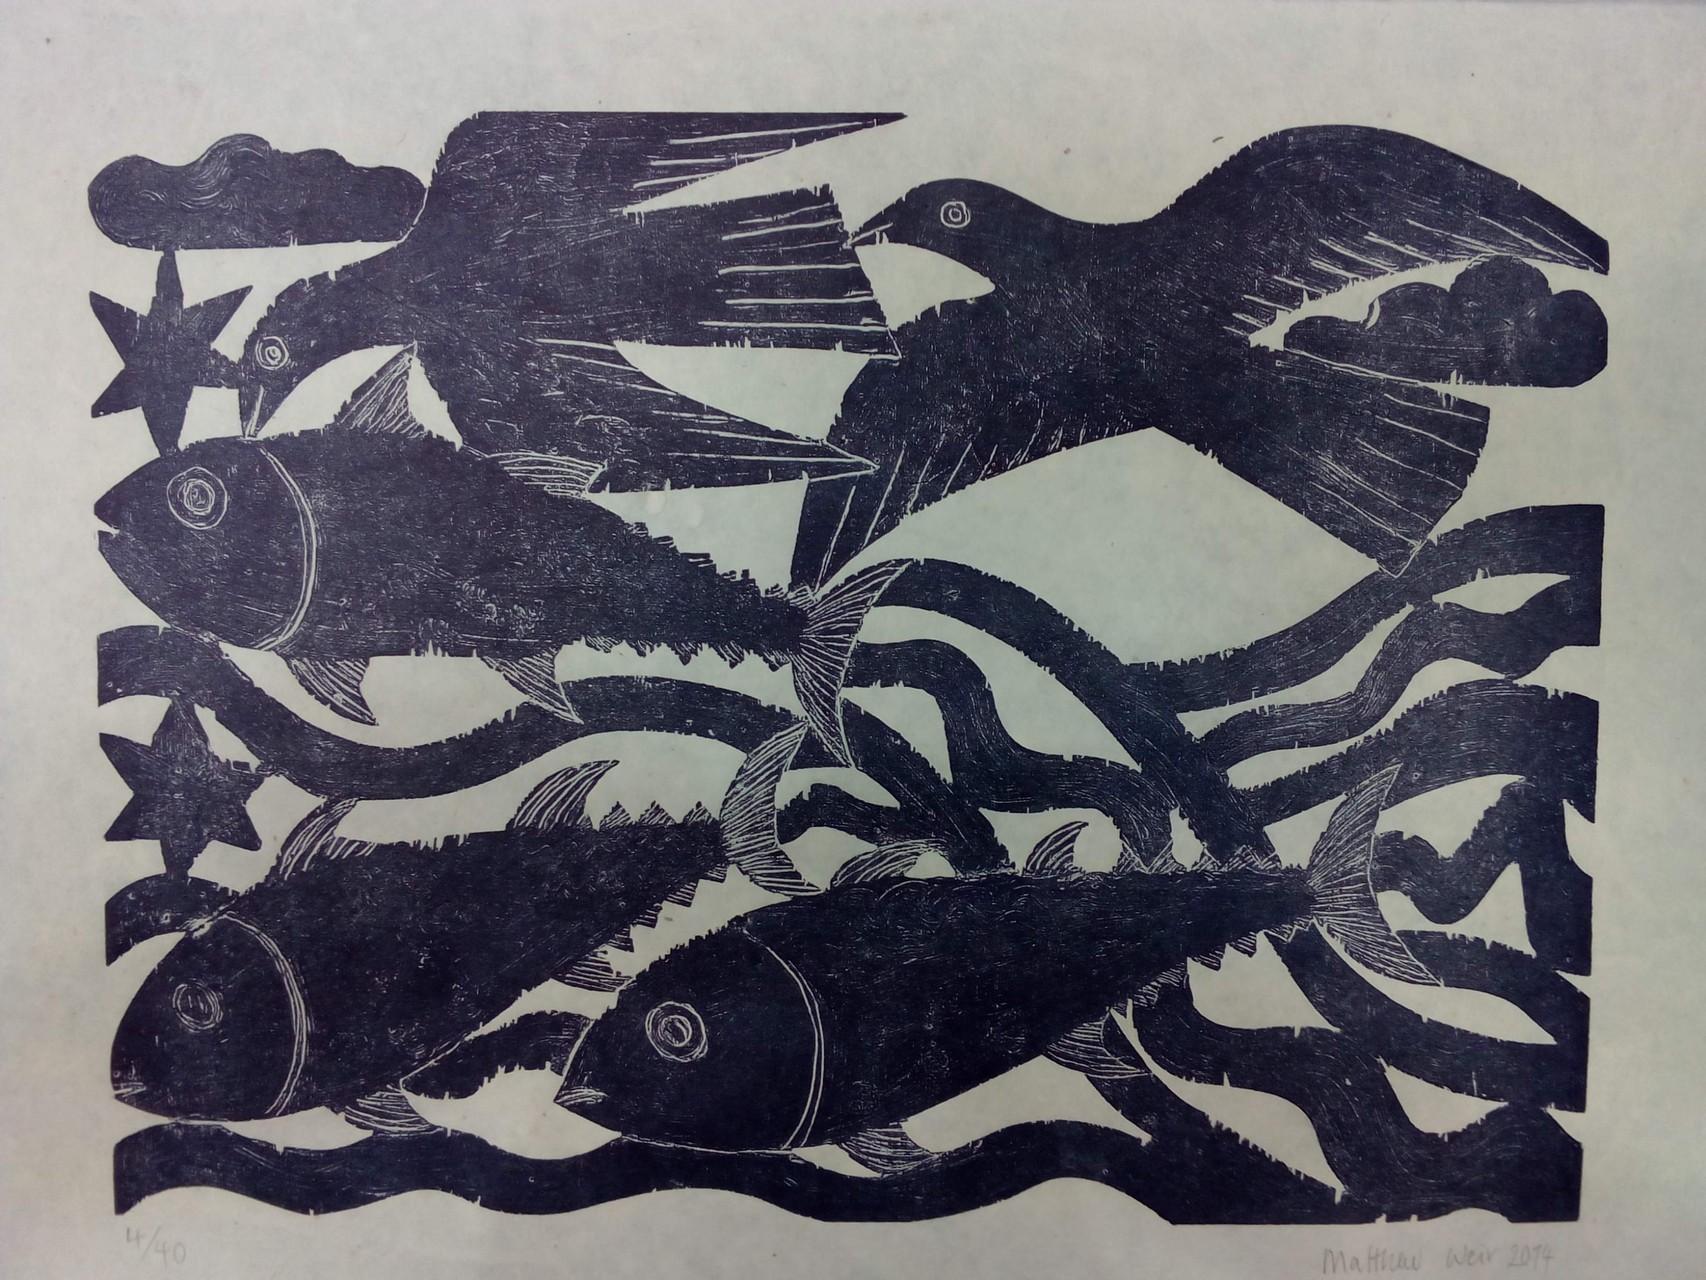 Peces y pájaros, xilografia sobre papel de bambú,  70 x 100 cm.